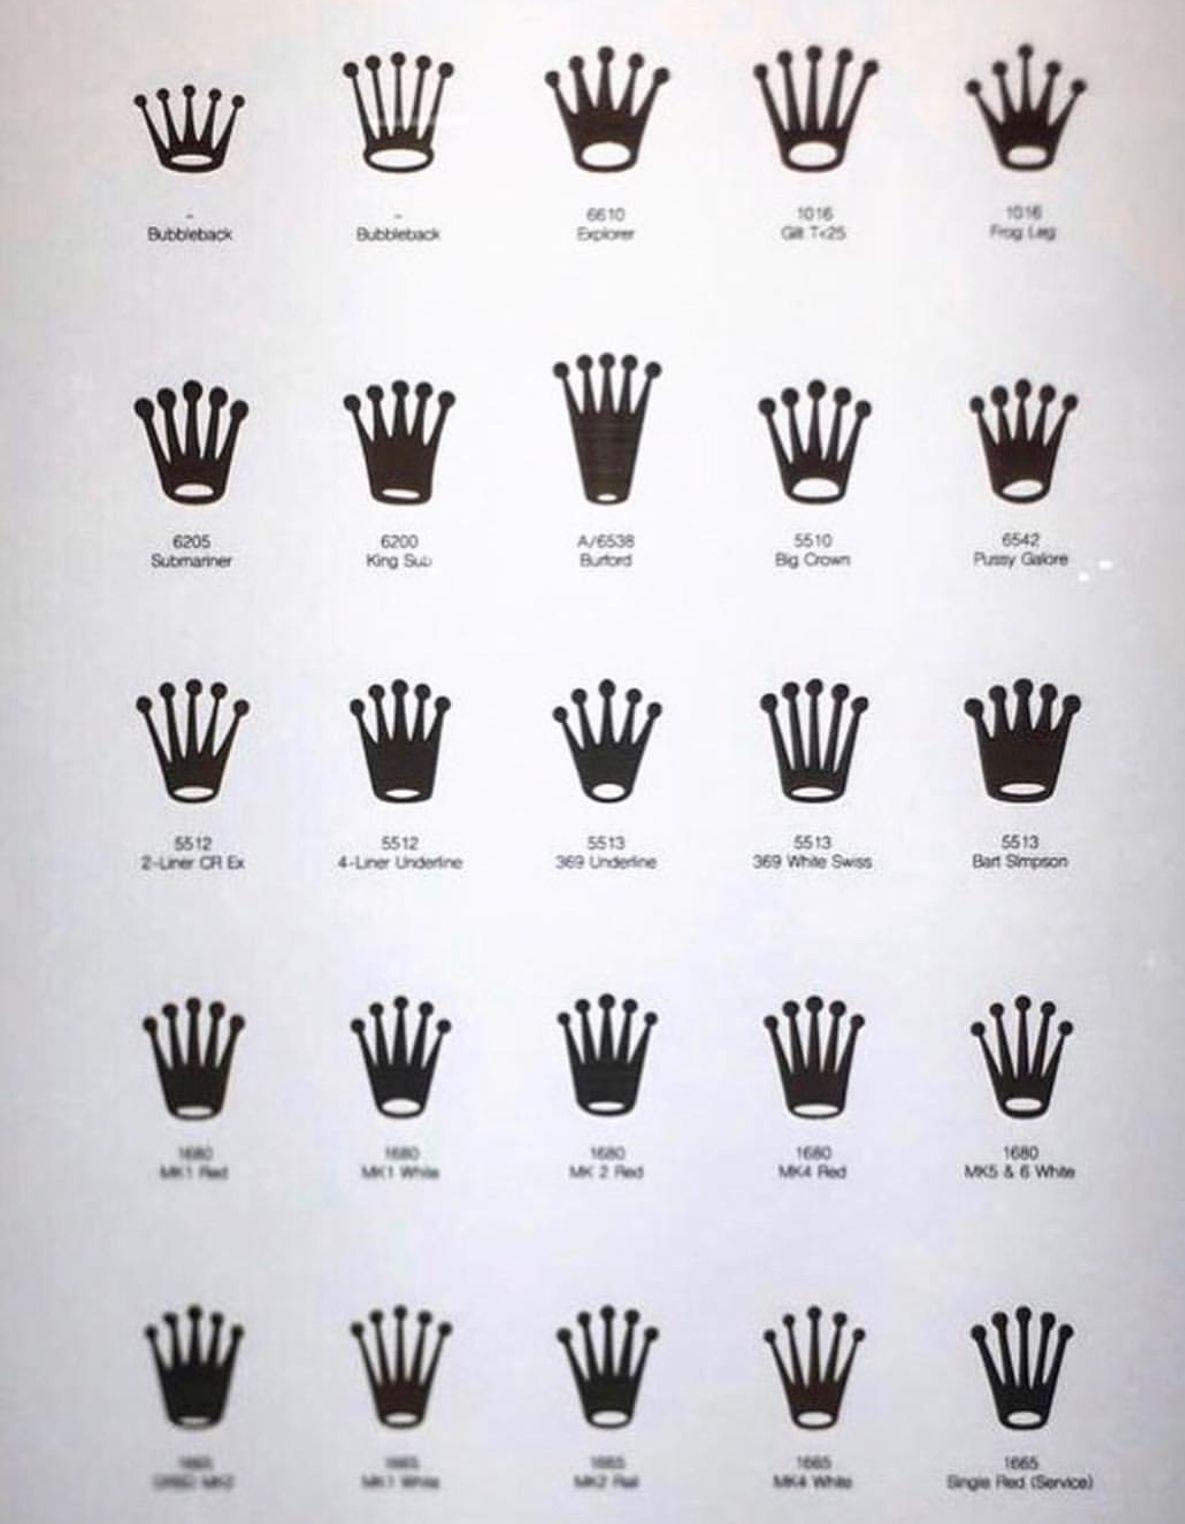 Pin De Sam Cuccurullo En Rolex Watches Tatuajes Inspiradores Tatuaje De Corona Hombres Tatuajes